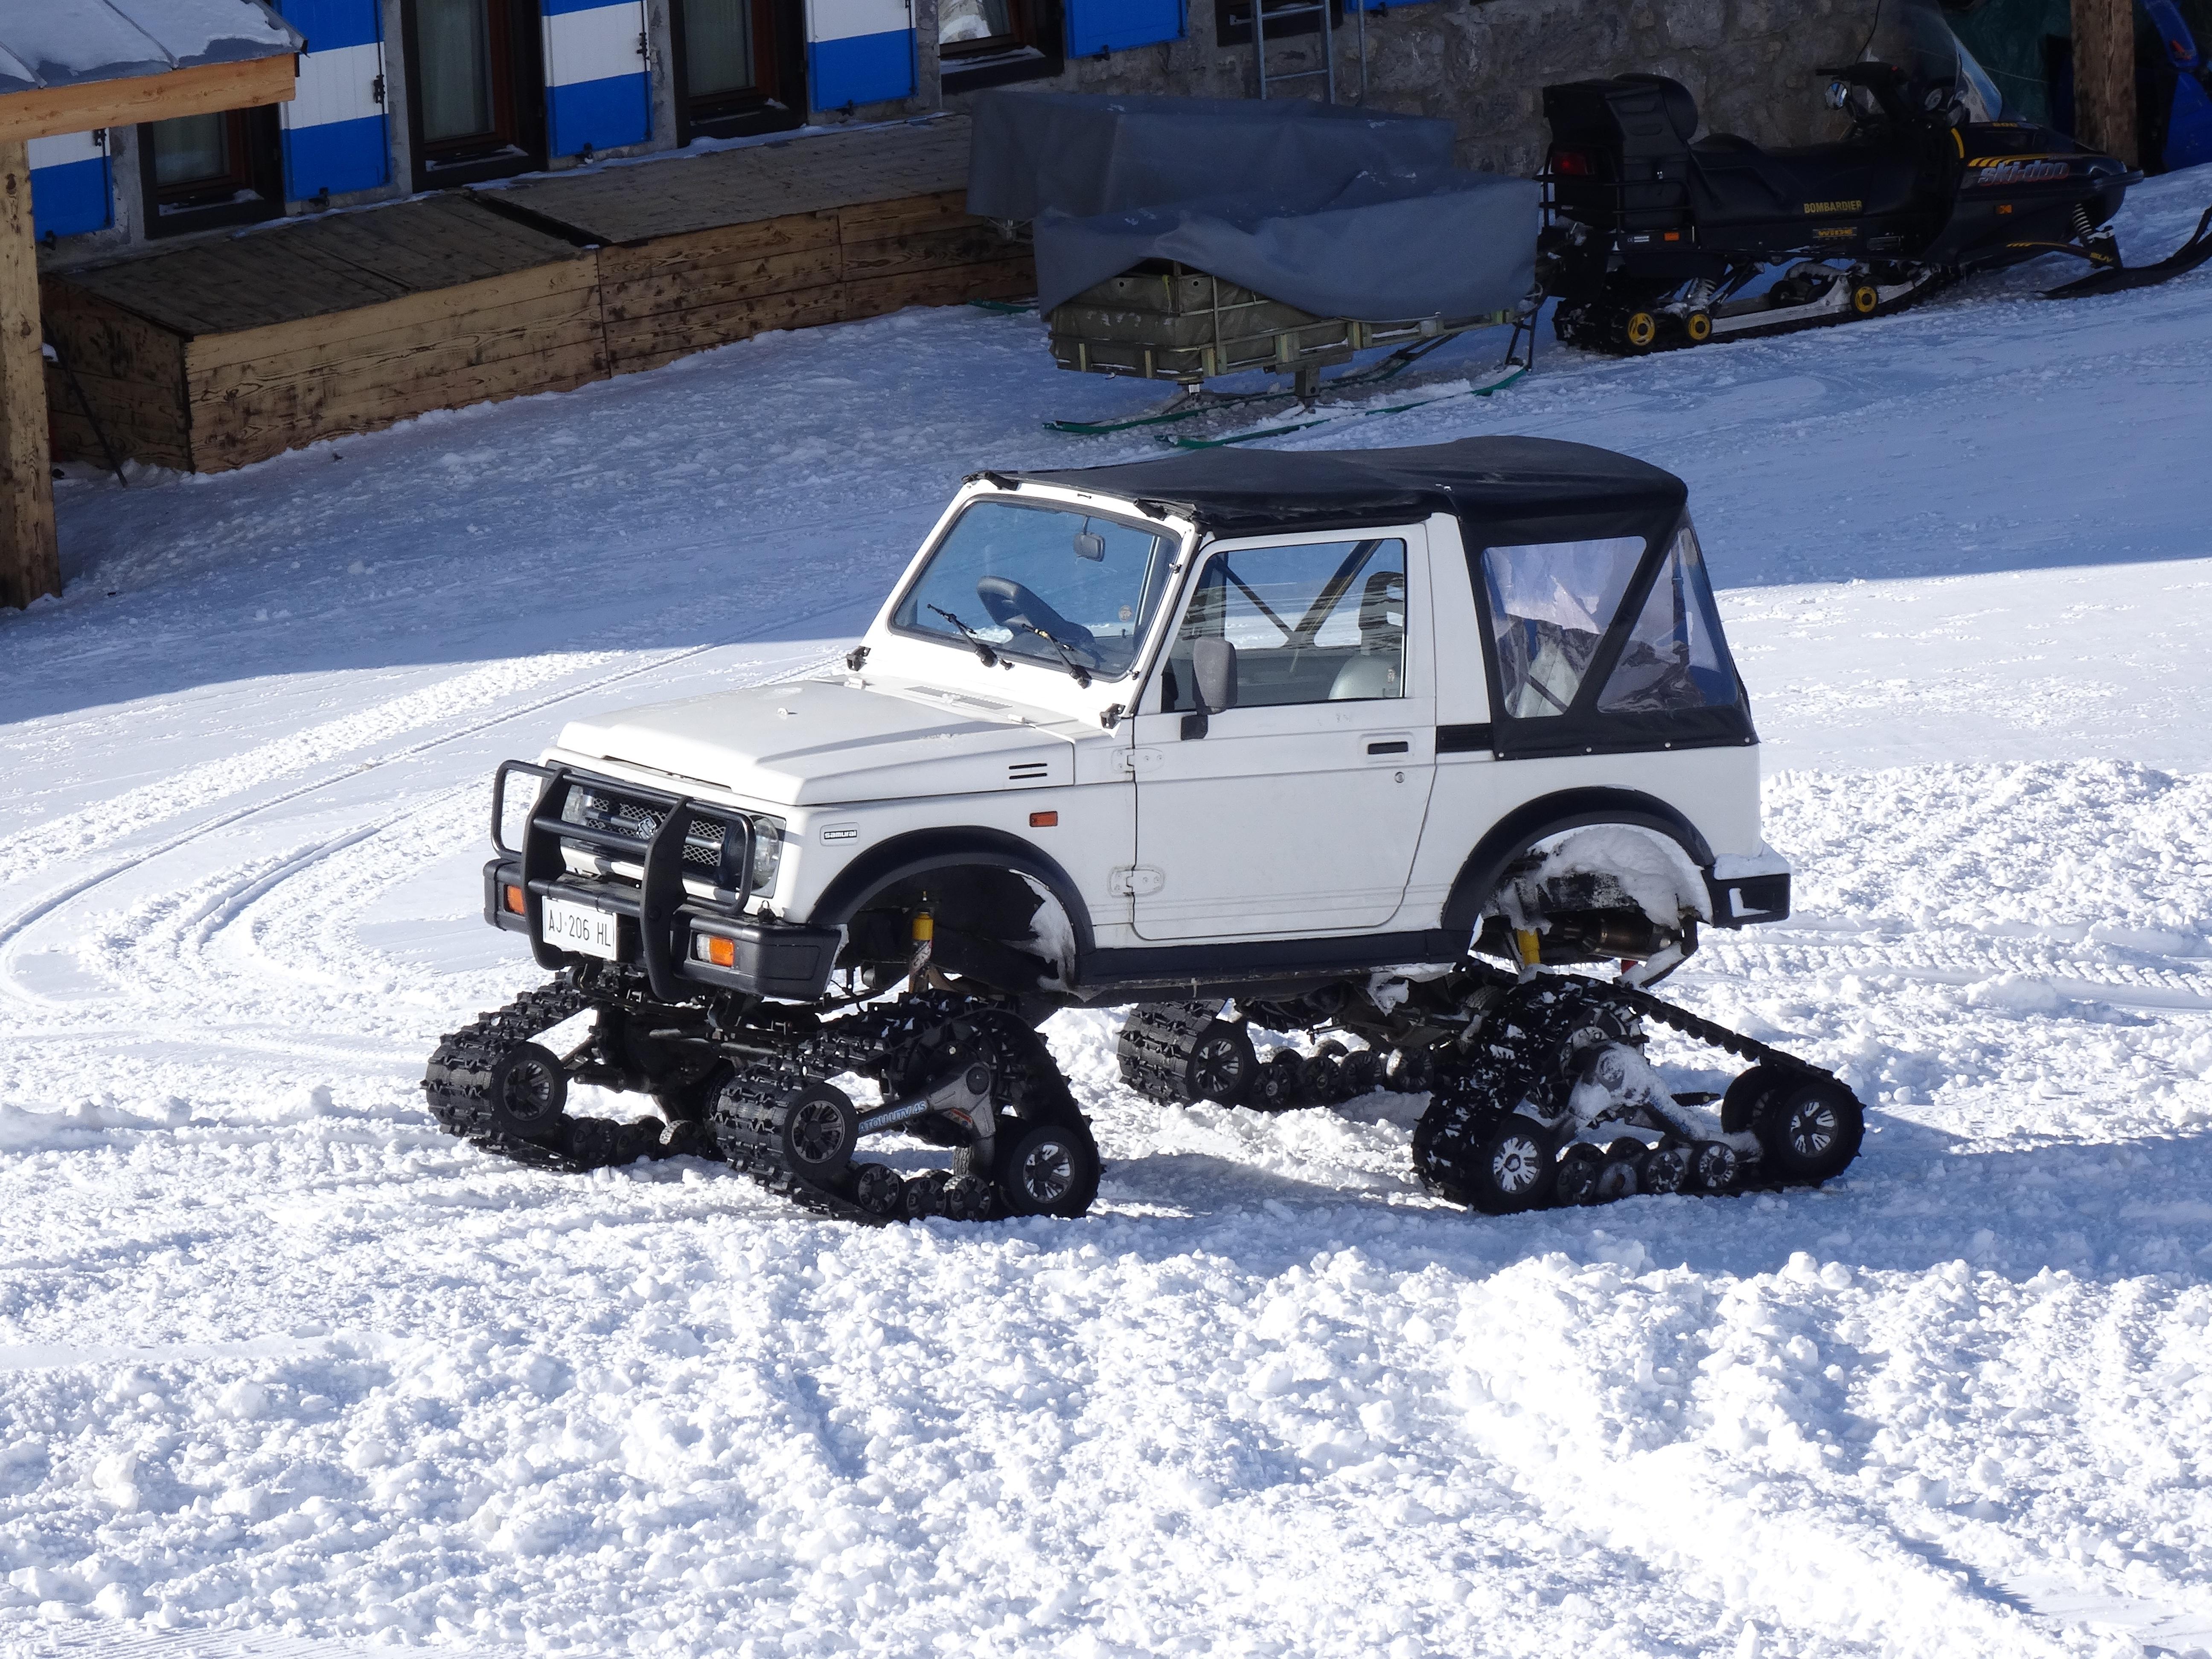 Jeep In Snow >> Gratis Afbeeldingen : koude, rupsen, skigebied, stadsauto ...